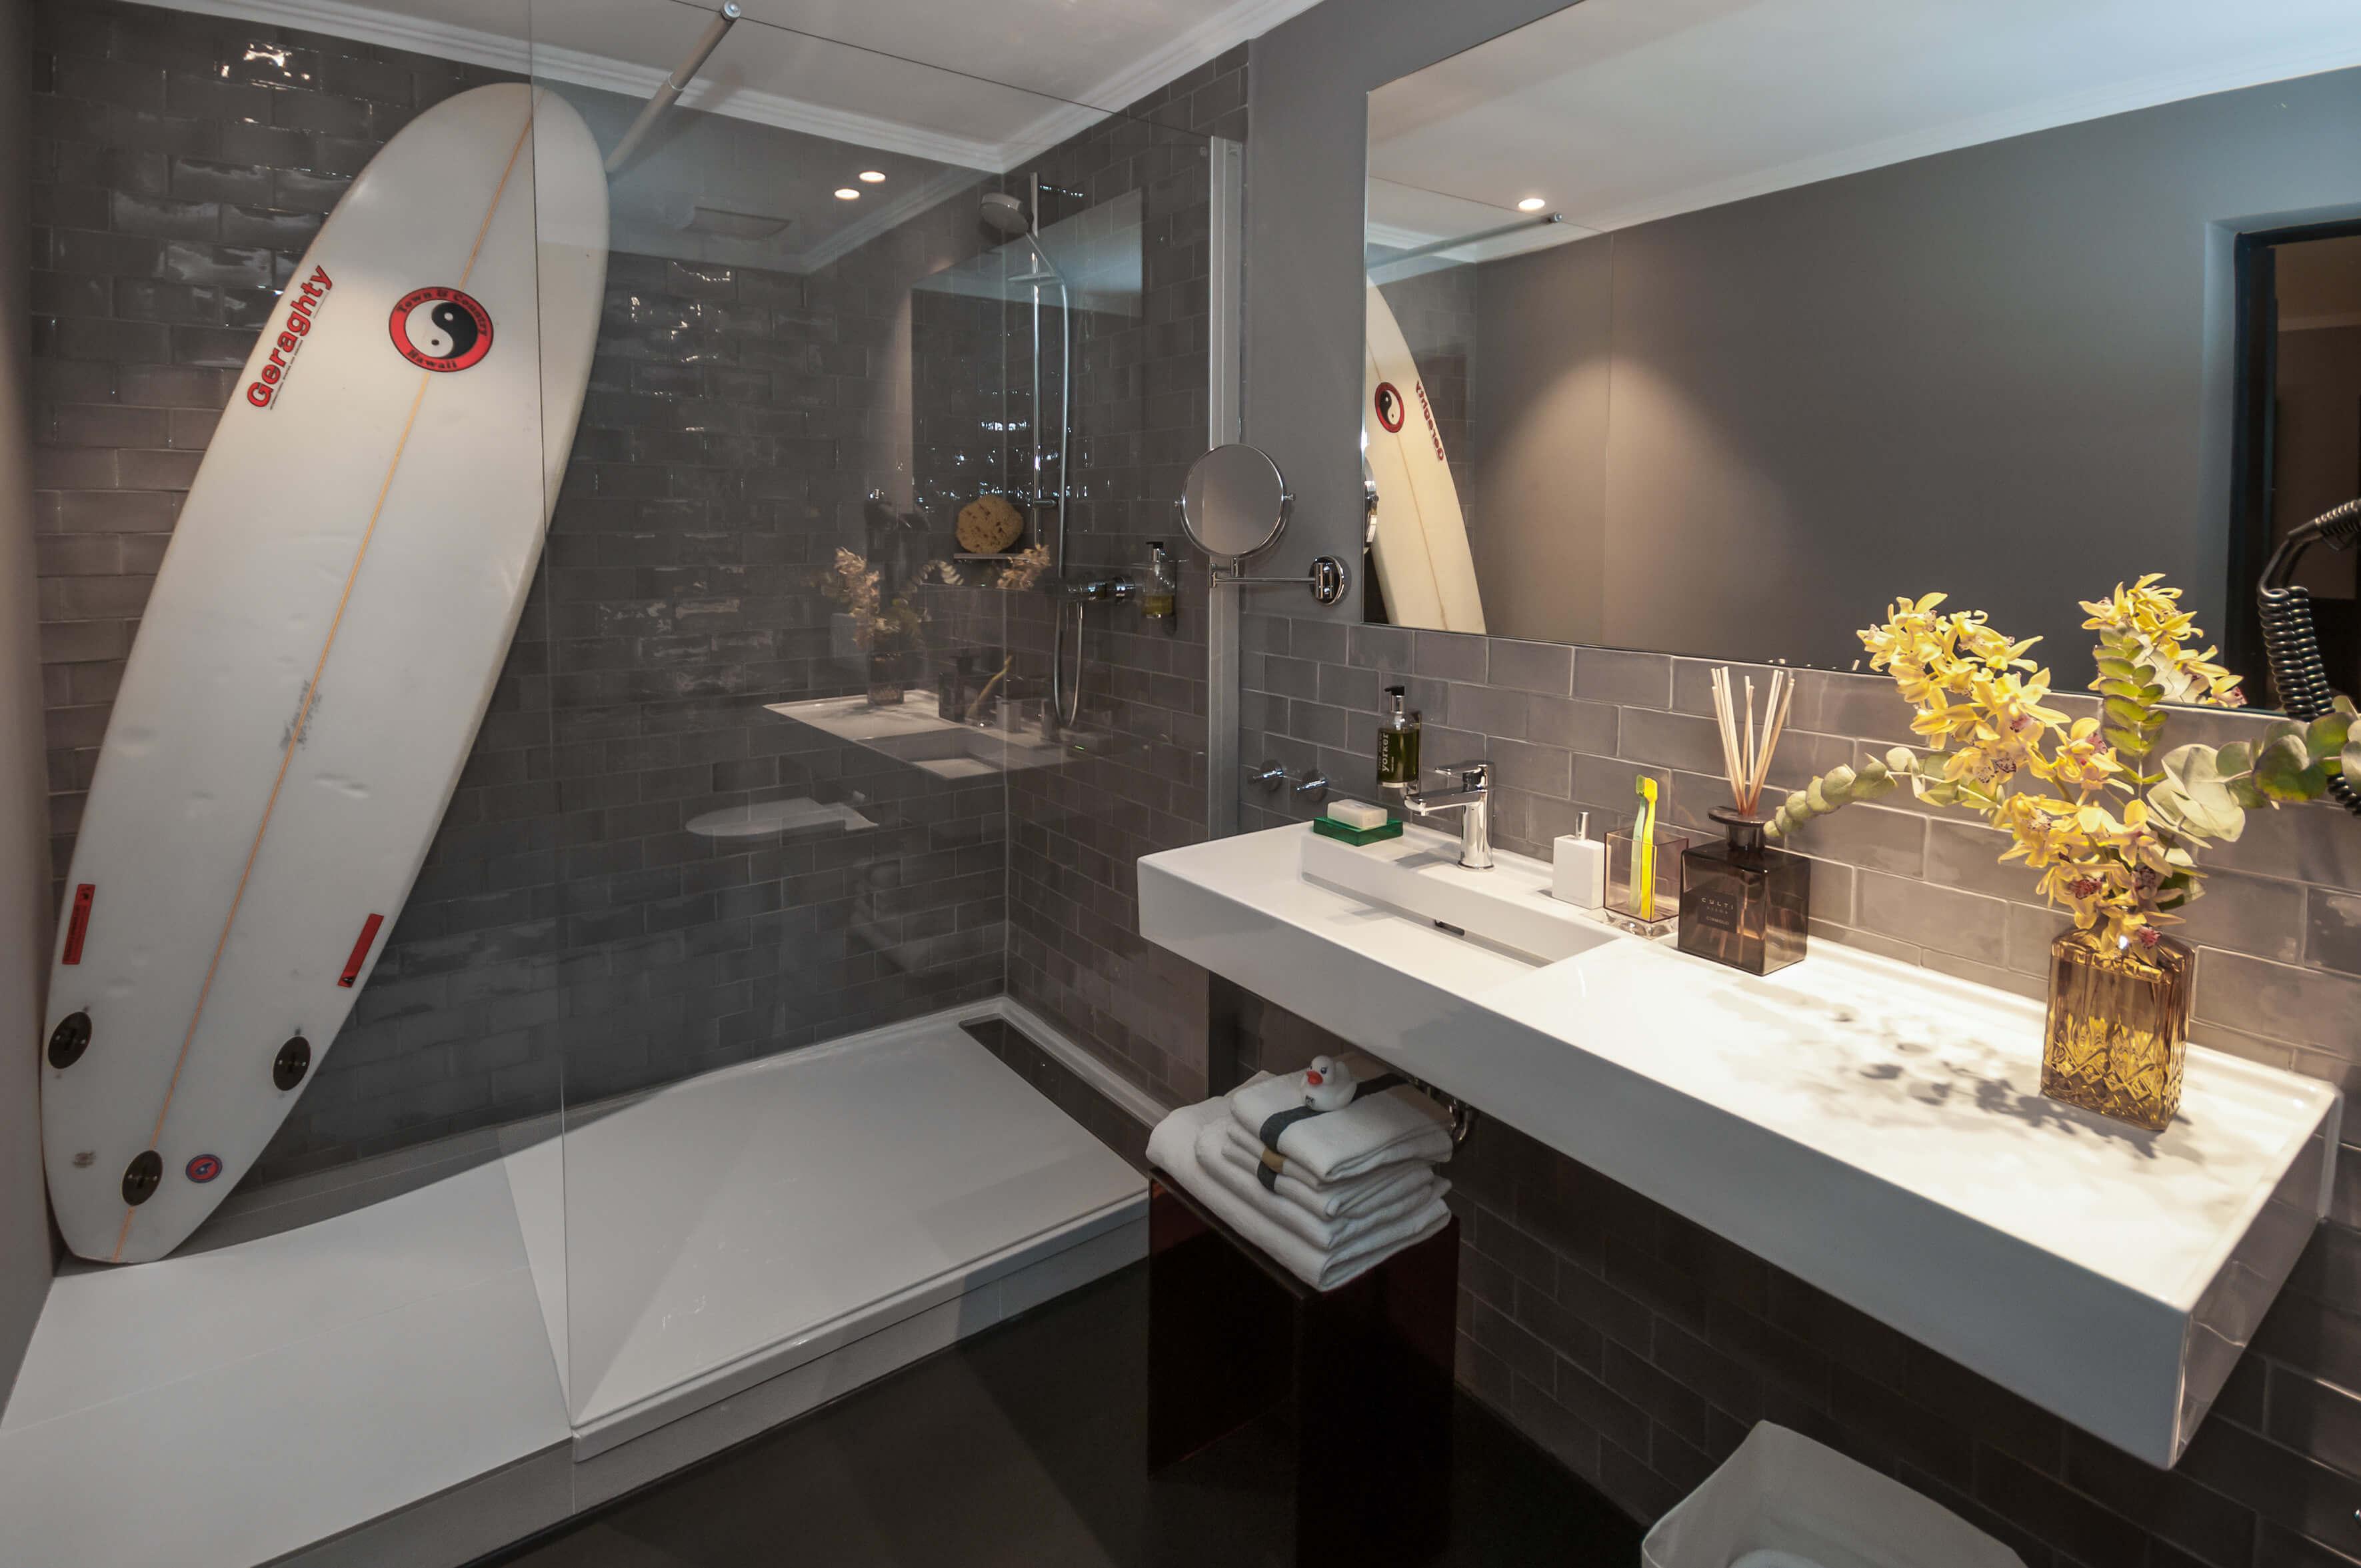 Laufen - Badezimmer im Wandel von über 100 Jahren